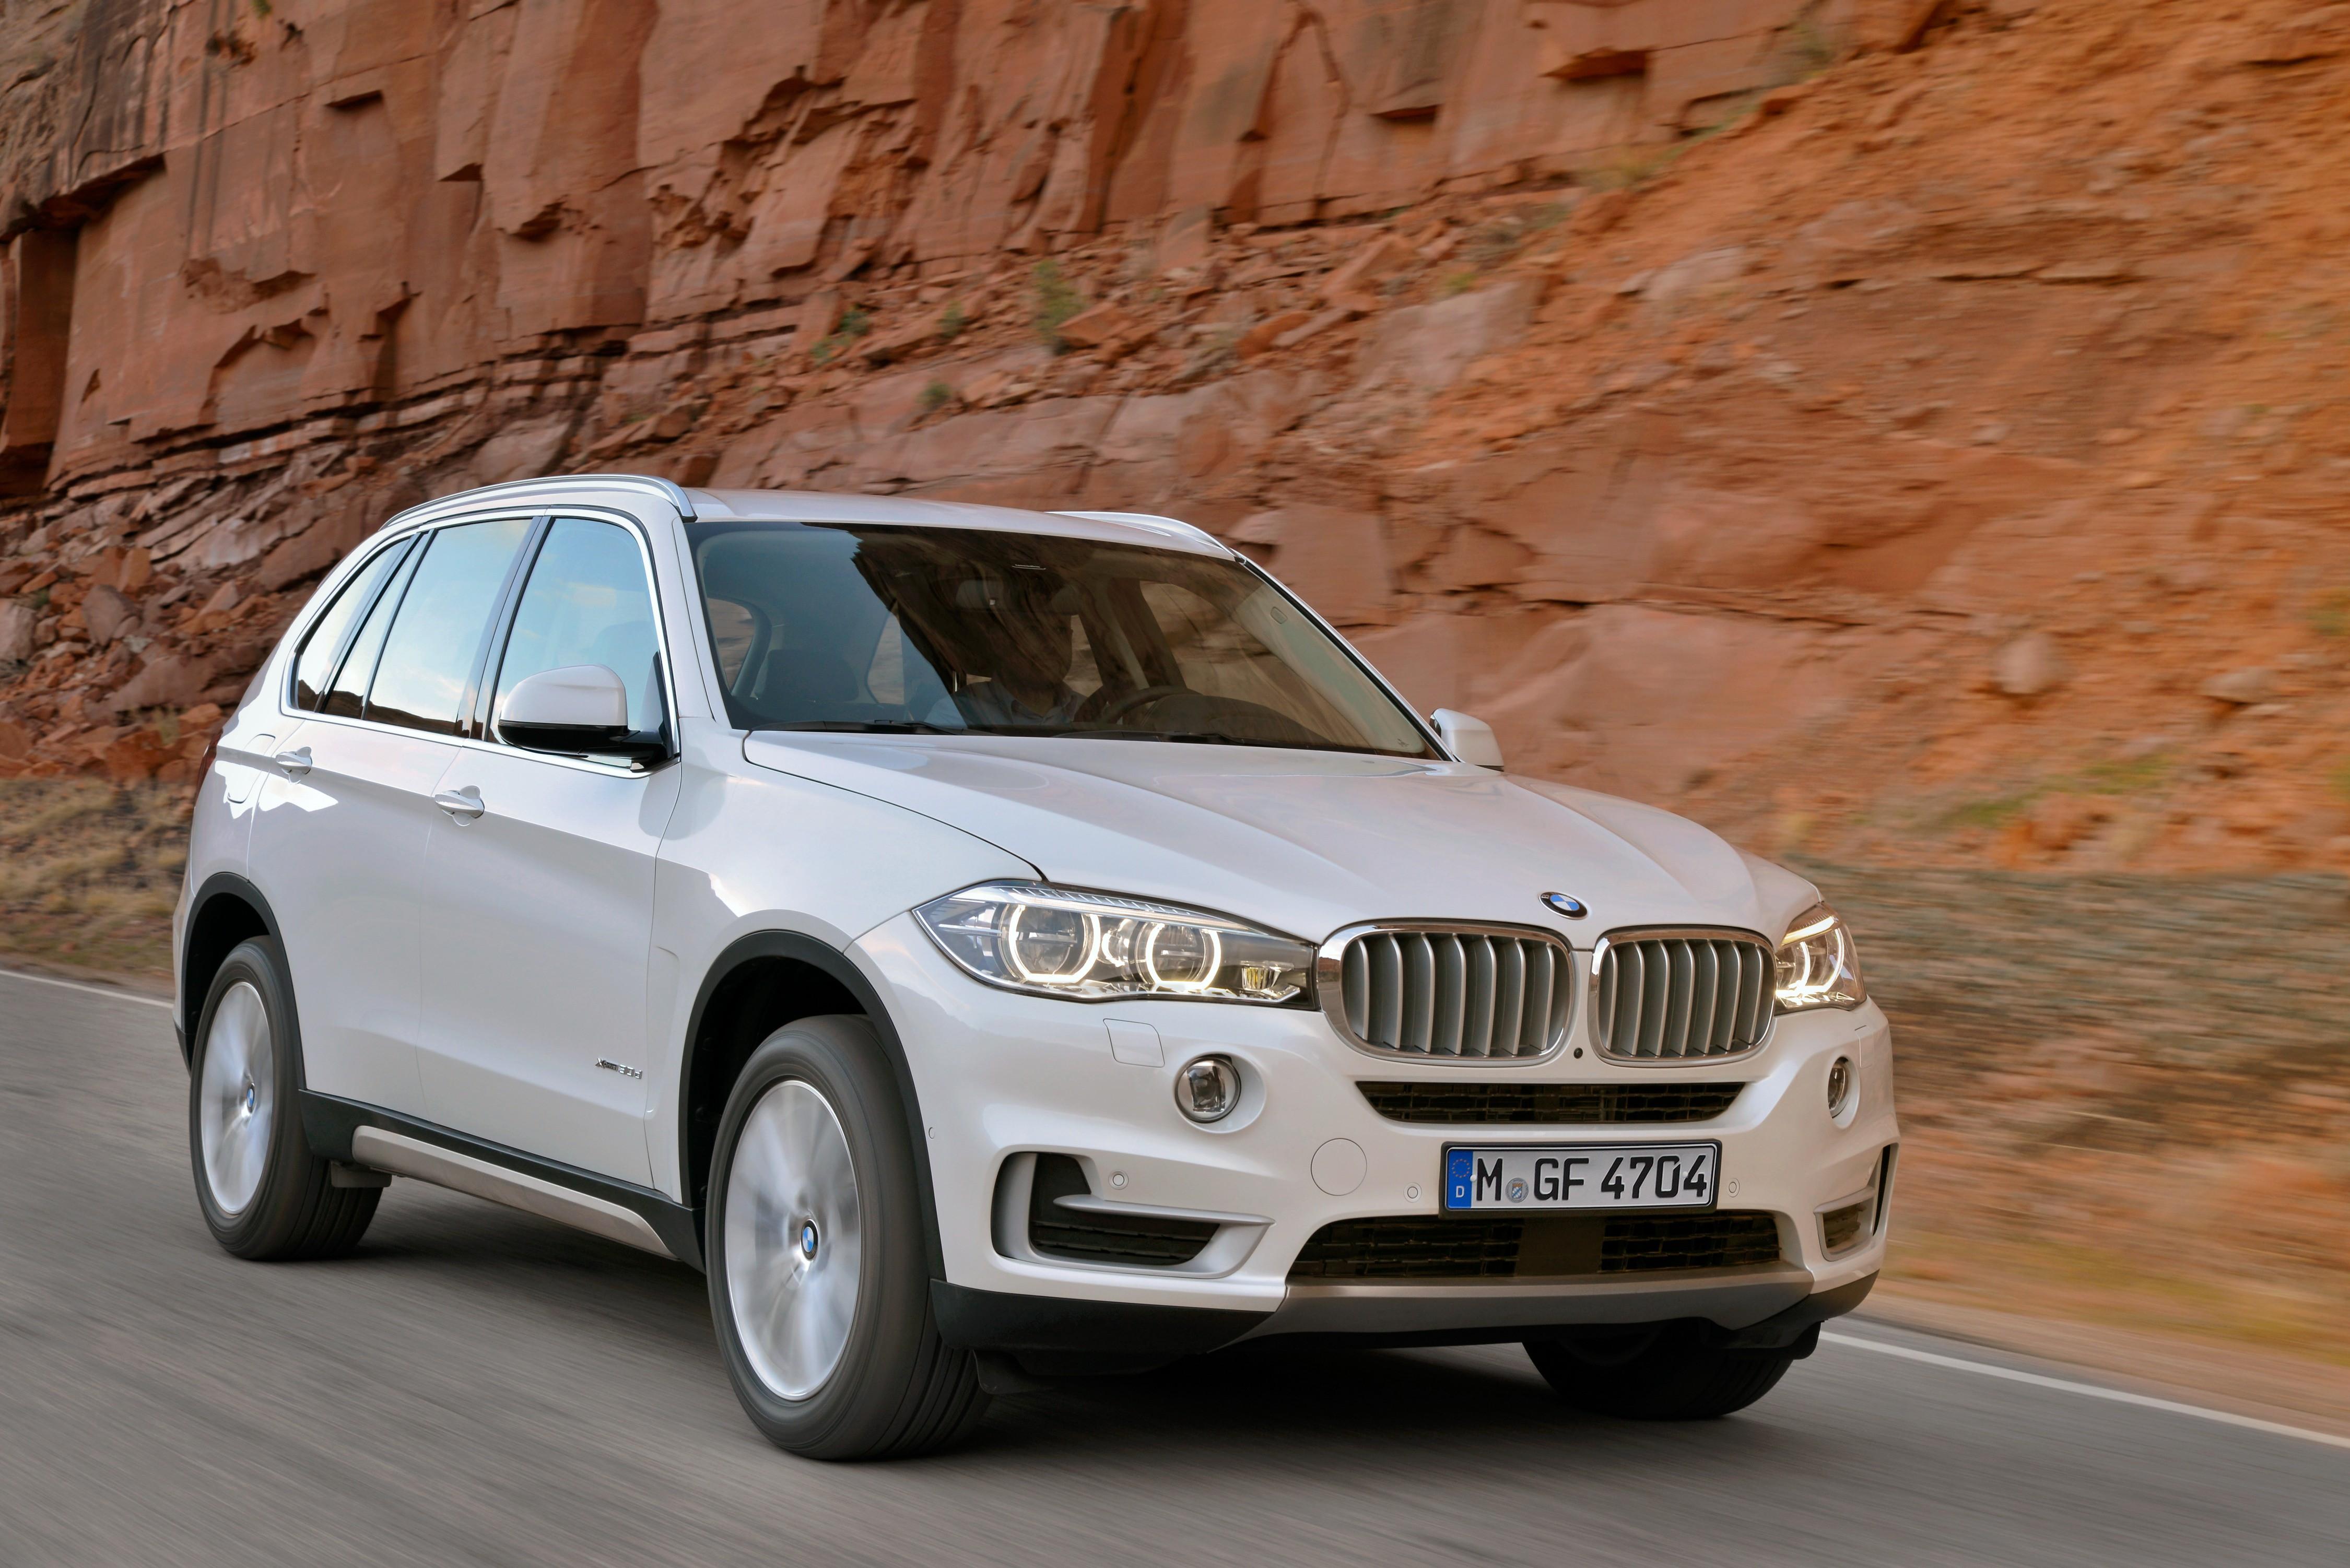 El BMW X5 se lava la cara profundamente